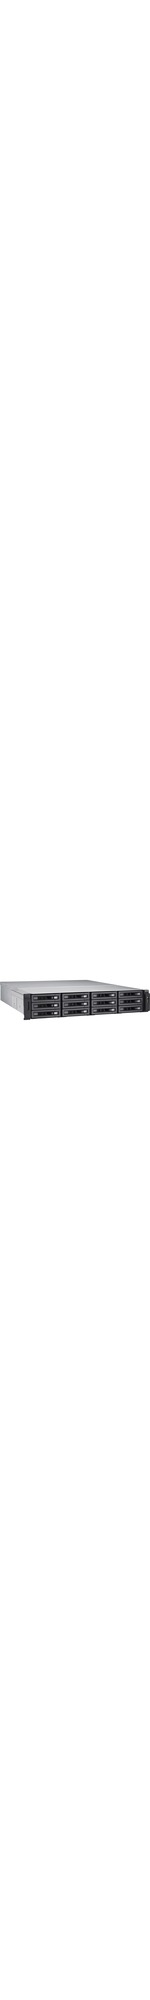 QNAP Turbo NAS TS-EC1280U-E3-4GE-R2 12 x Total Bays SAN/NAS Server - 2U - Rack-mountable - Intel Xeon Quad-core 4 Core - 4 GB RAM DDR3 SDRAM - Serial ATA/600 - RAI